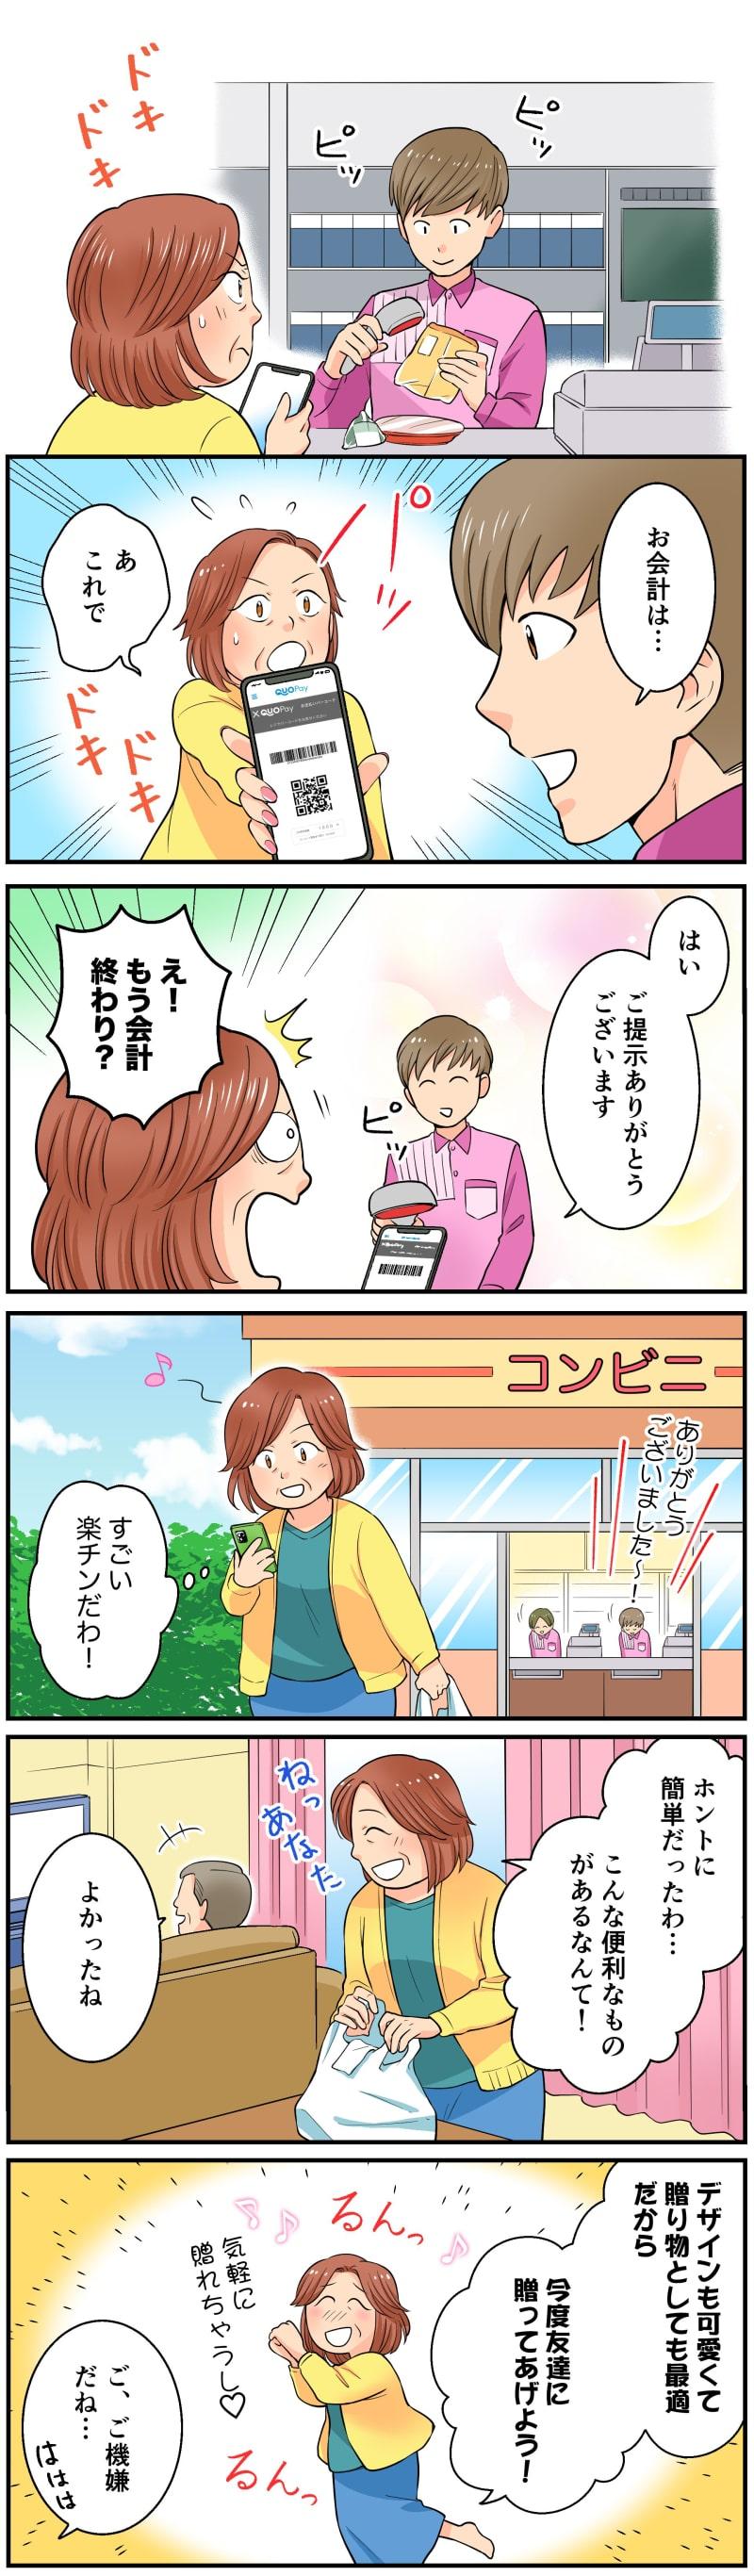 QUOカードPayサービス紹介 縦読み漫画掲載サンプル2